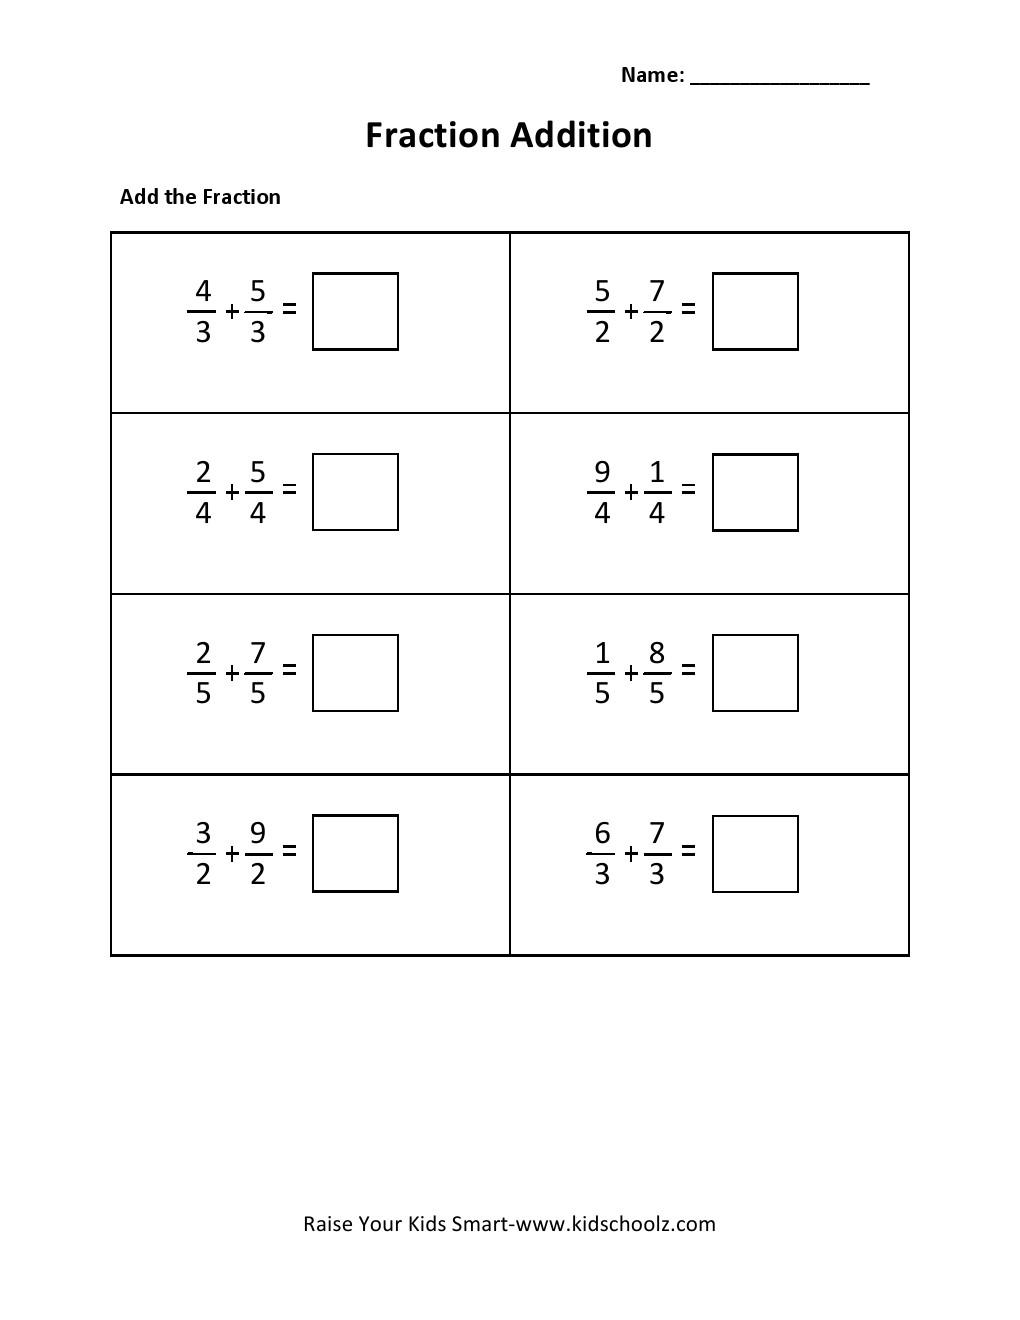 math worksheet : grade 3  fraction addition worksheet 2  : Fraction Addition Worksheets